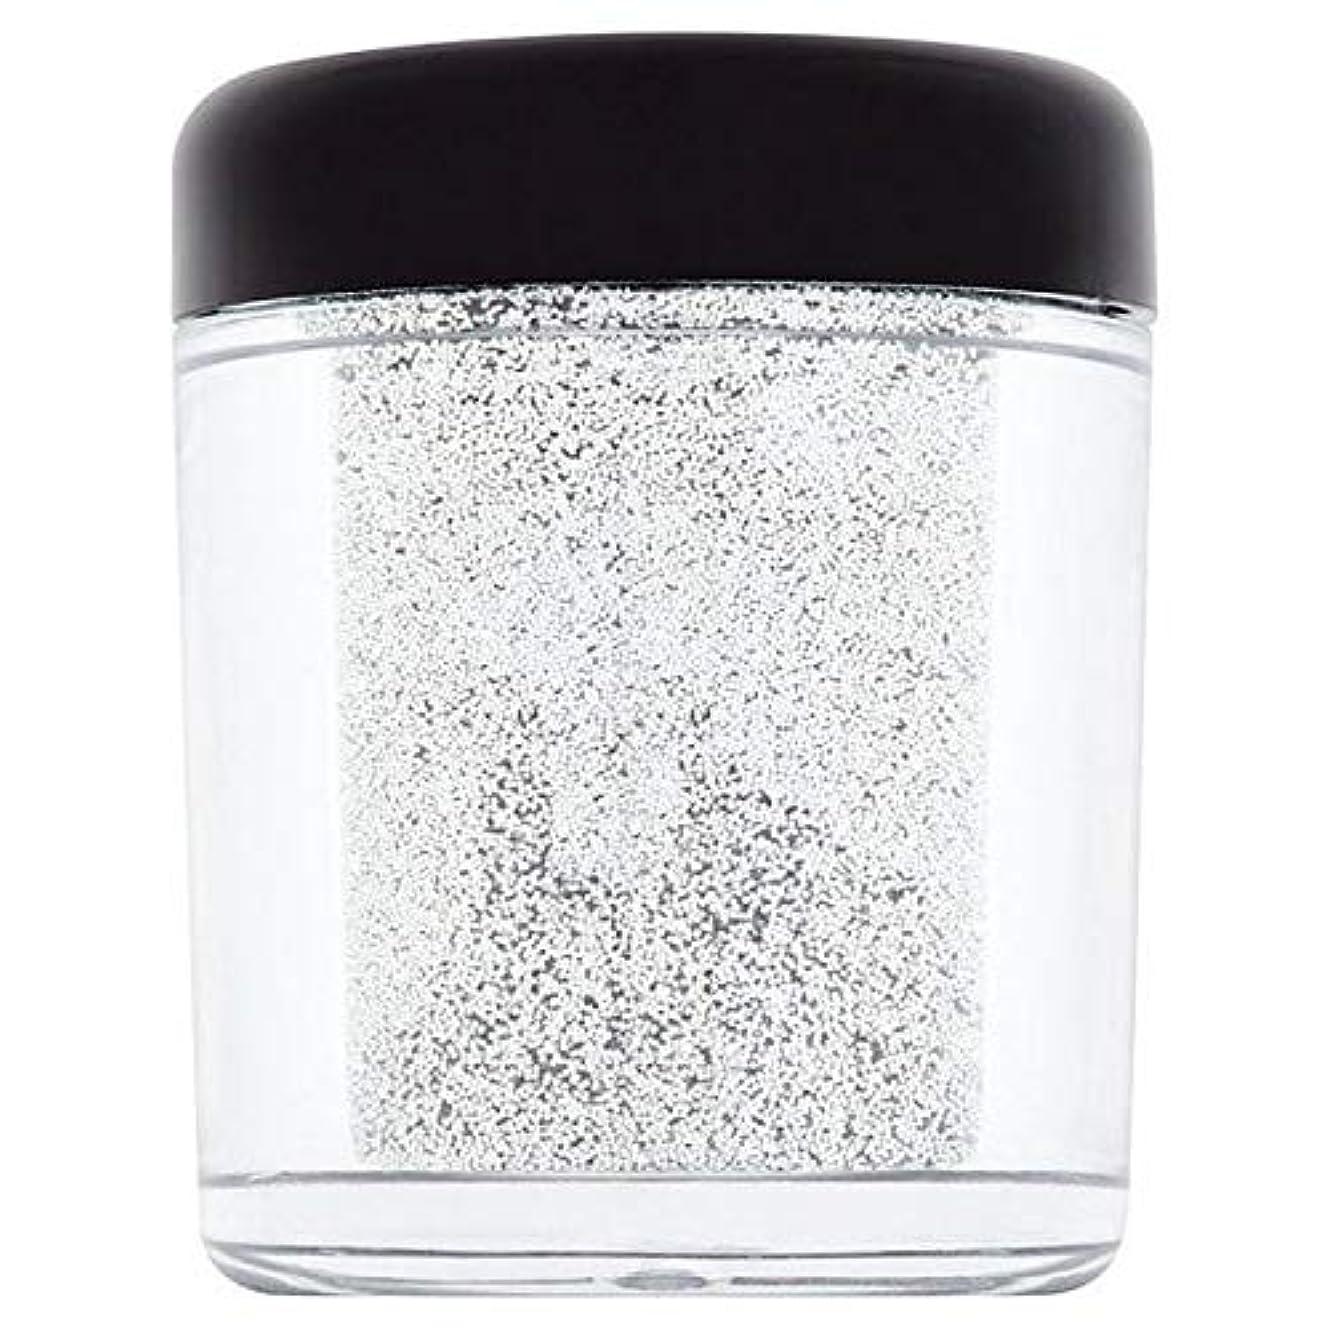 消毒する社会主義思春期の[Collection ] 天使2を回収グラムの結晶は、フェイス&ボディの輝きが落ち - Collection Glam Crystals Face & Body Glitter Fallen Angel 2 [並行輸入品]